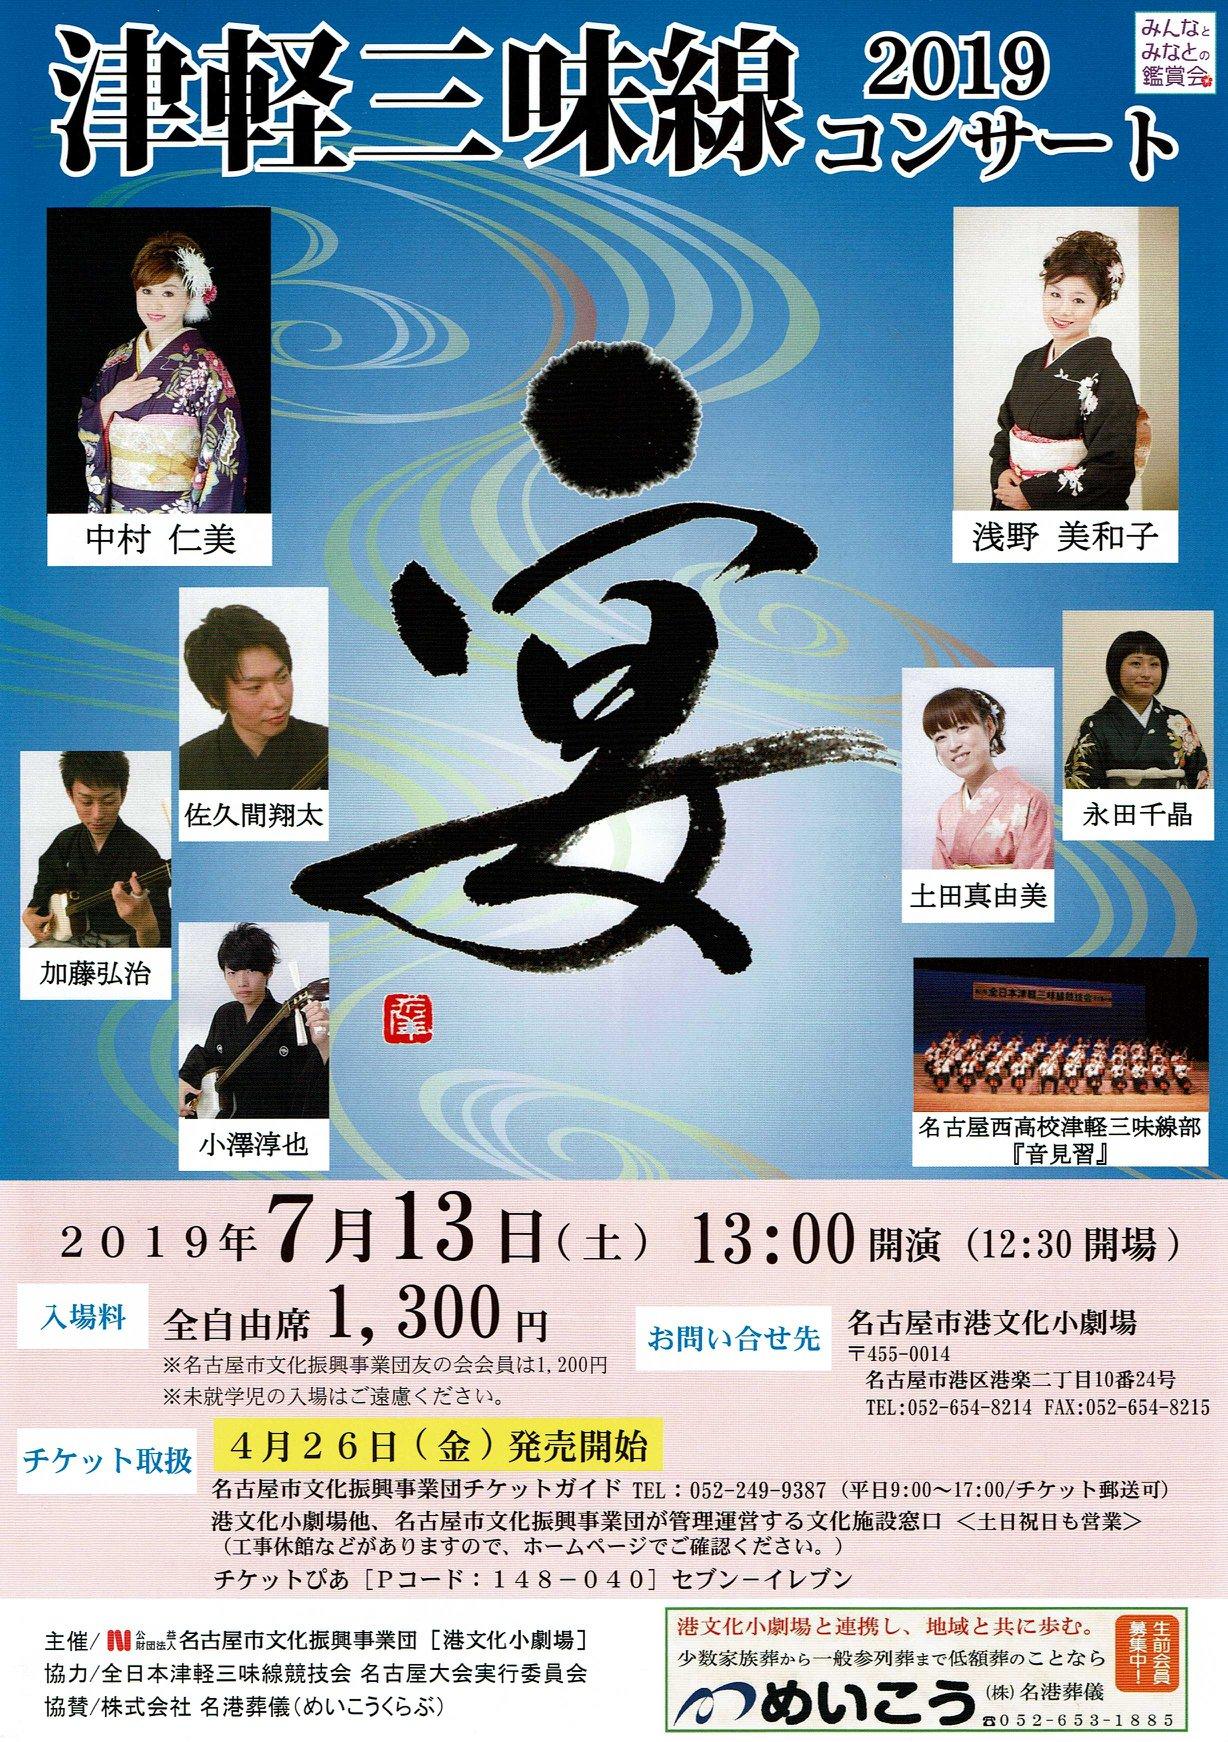 津軽三味線2019コンサート 宴